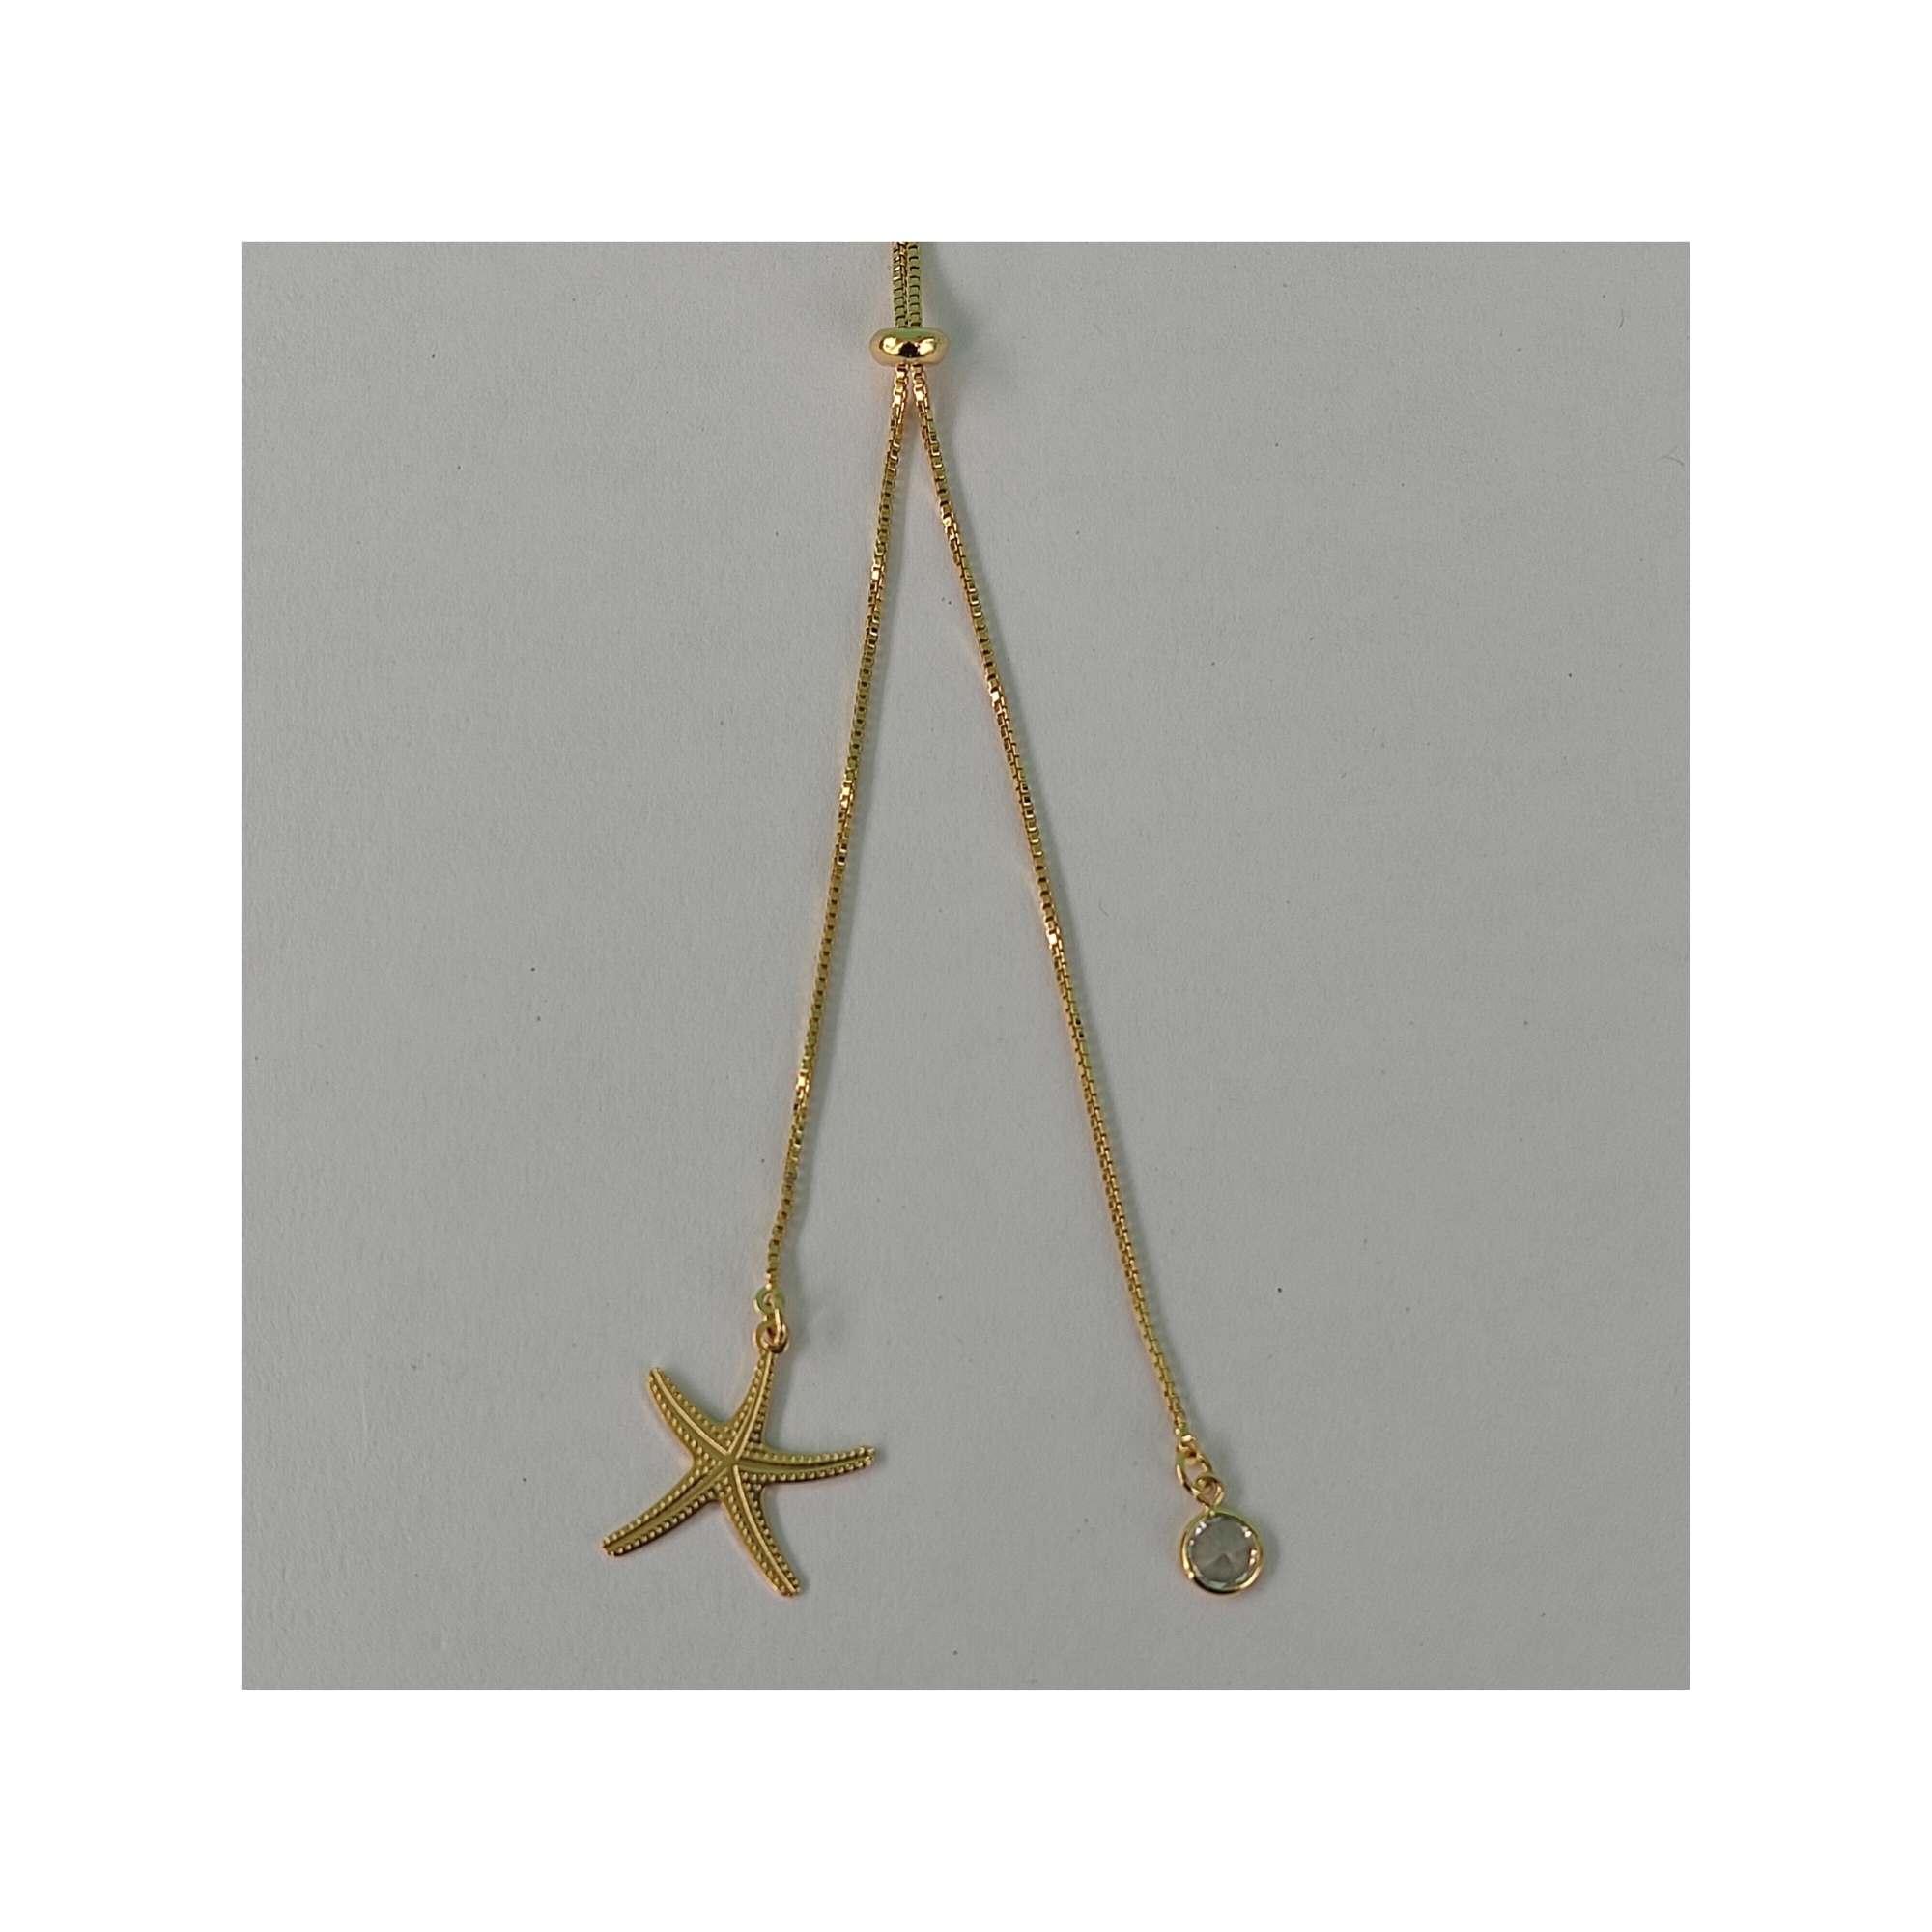 Colar Estrela do Mar banhado a ouro 18K